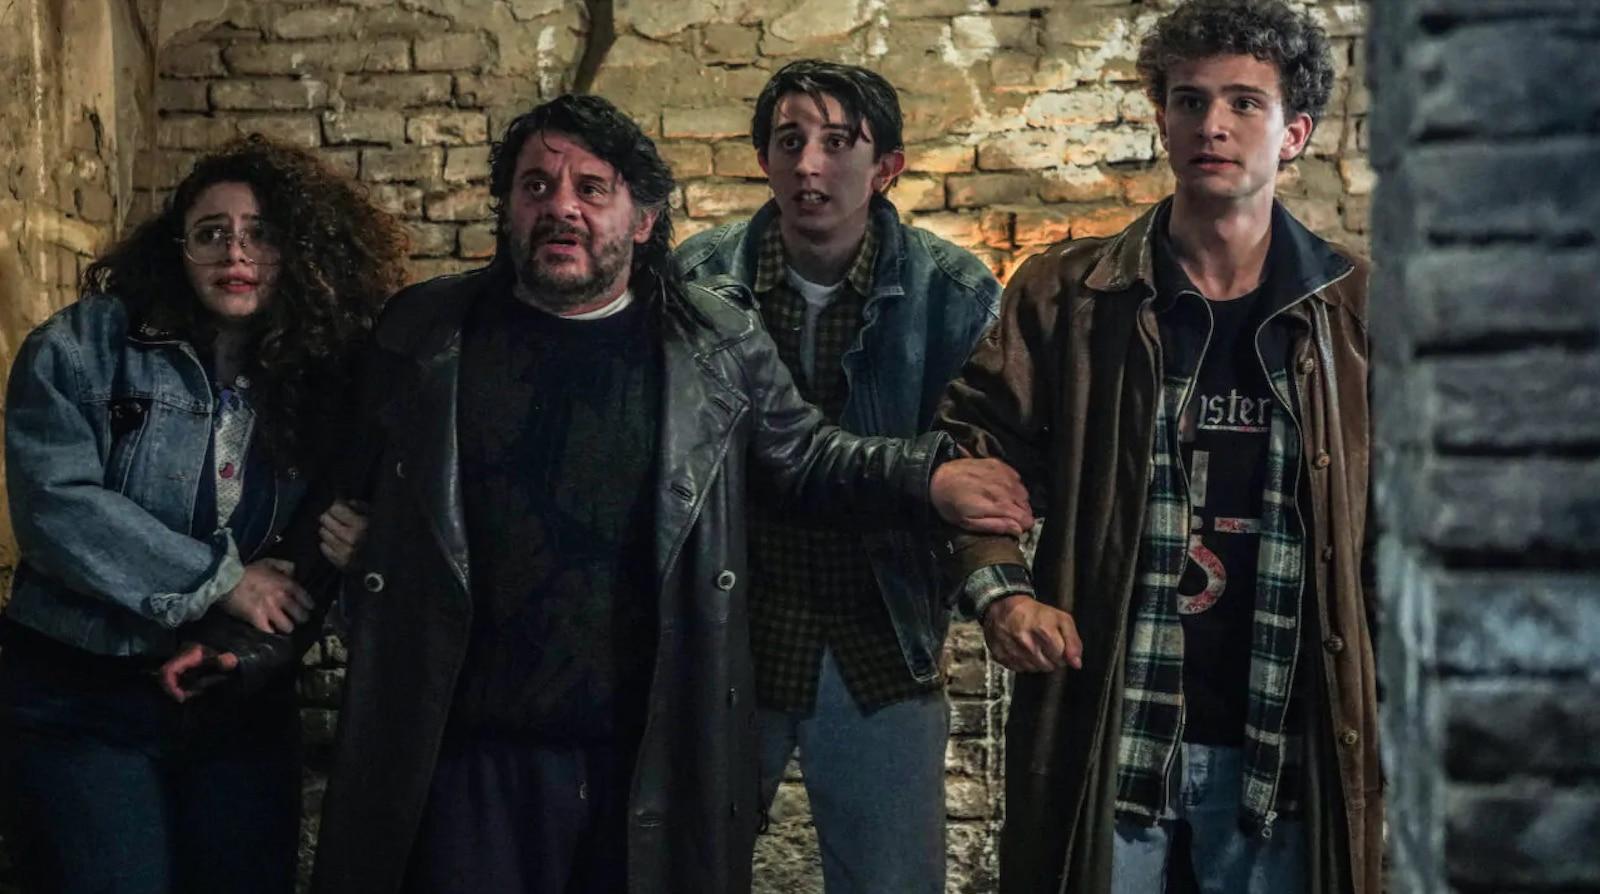 Il mostro della cripta: com'è il film di Daniele Misischia thumbnail